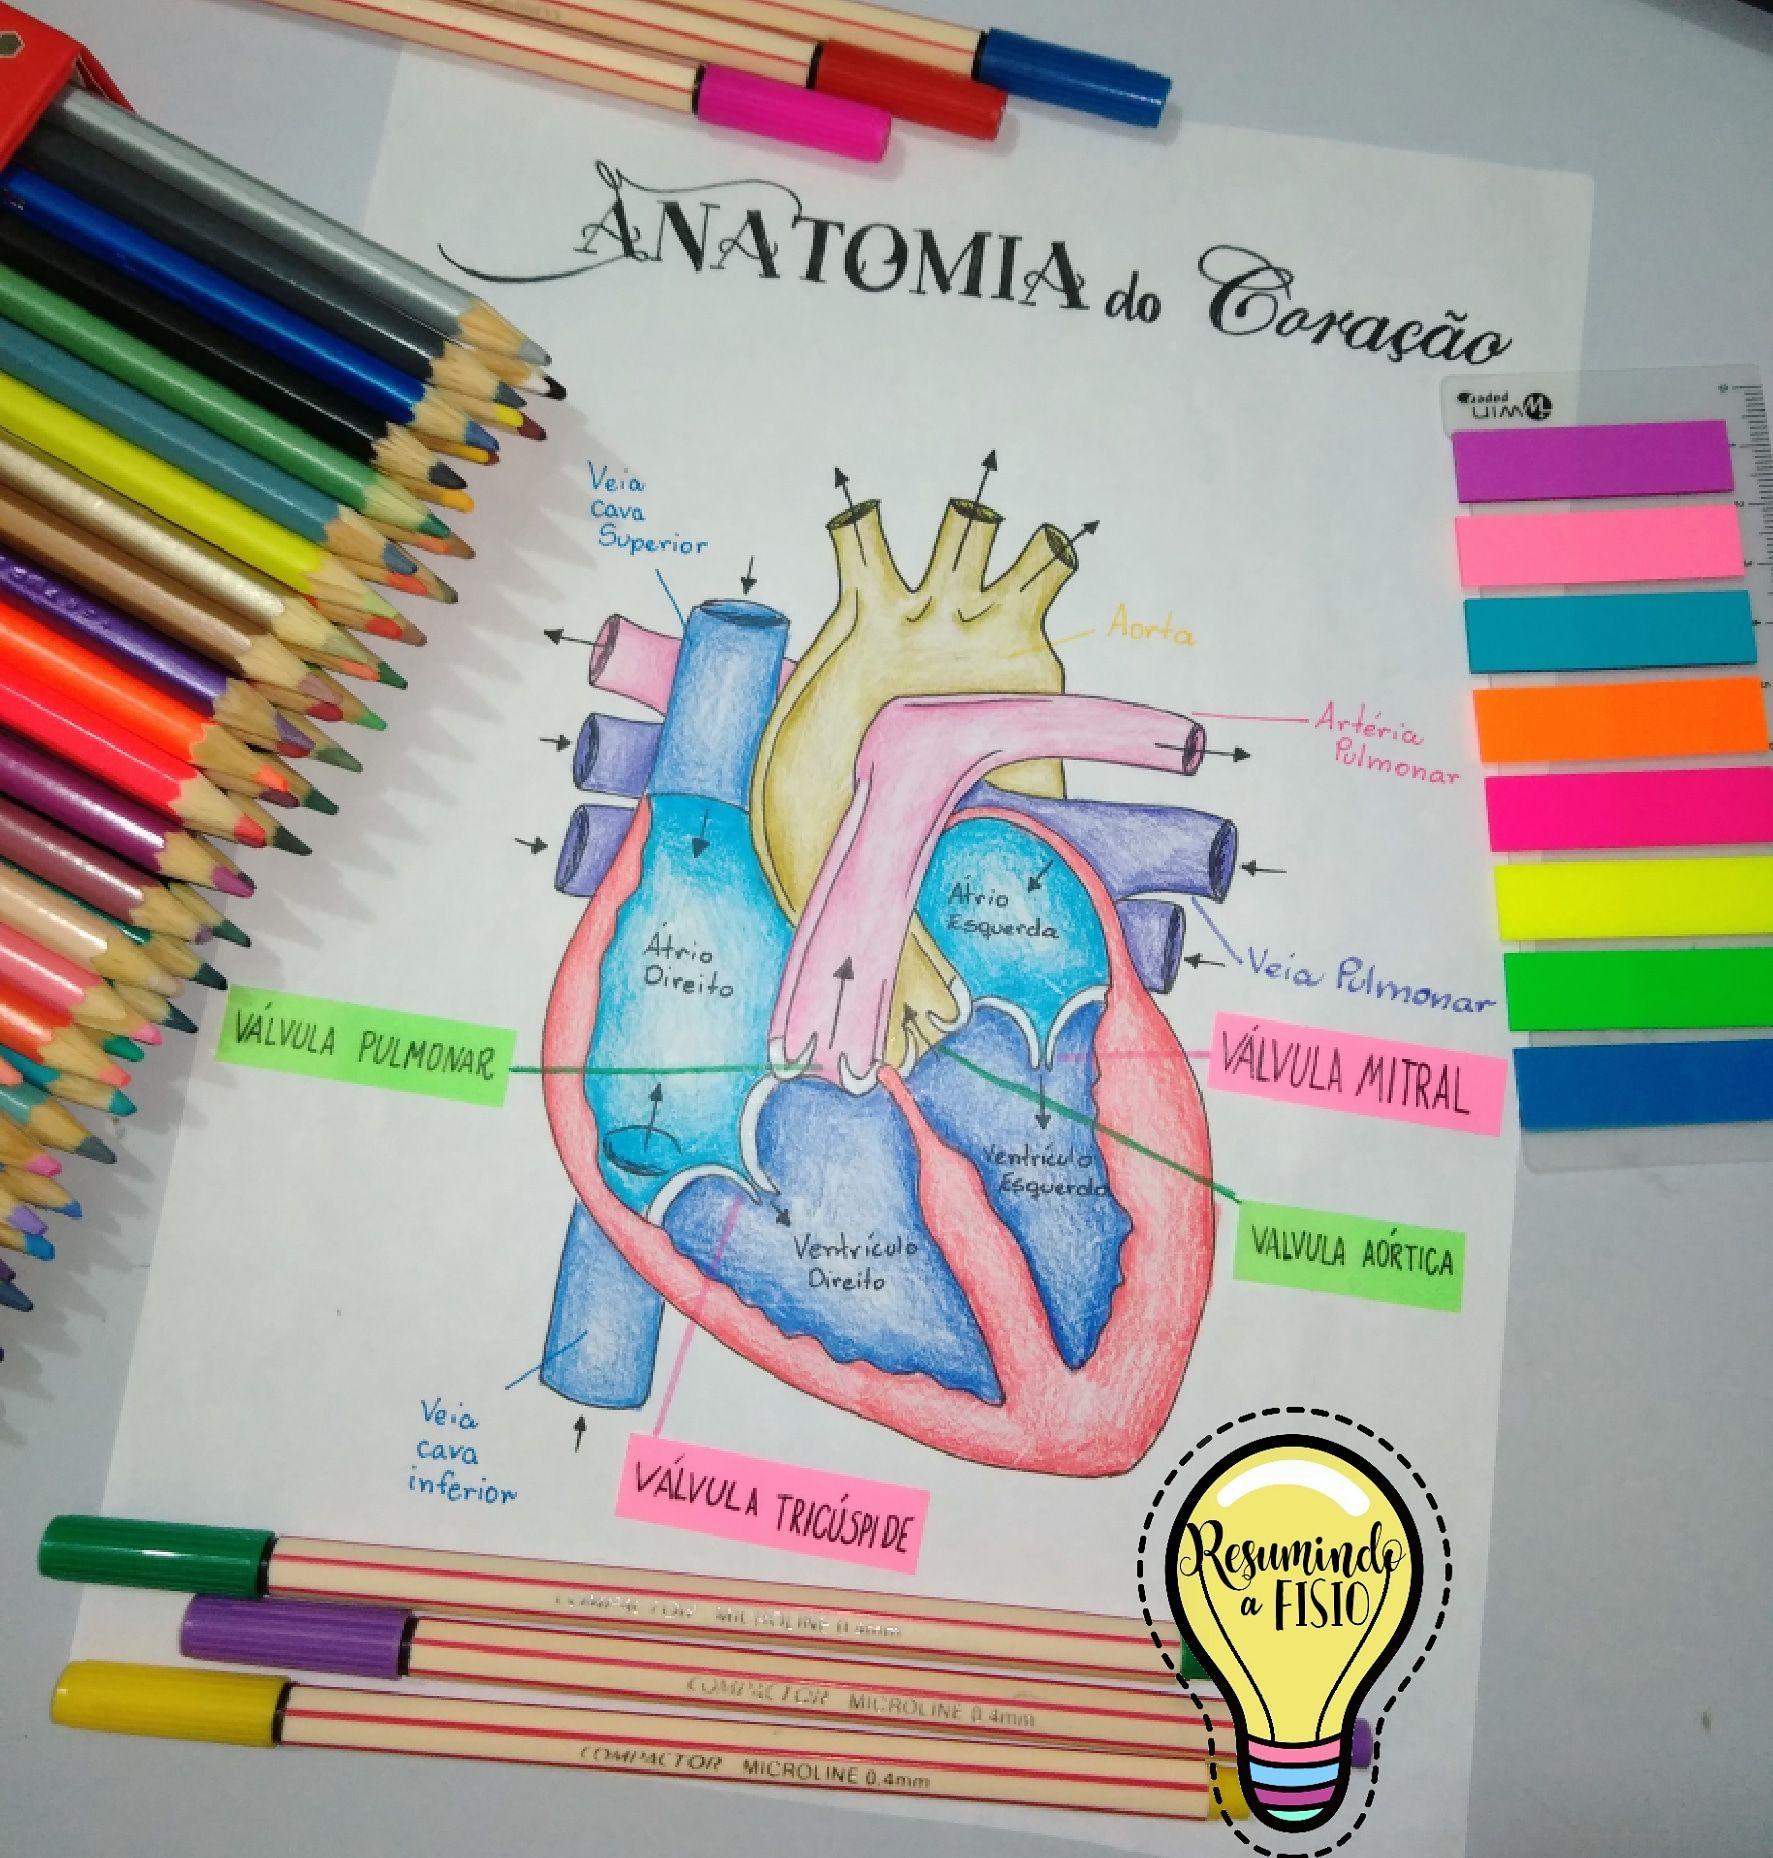 Pin de de_720 en ggggg | Pinterest | Medicina, Anatomía y Apuntes